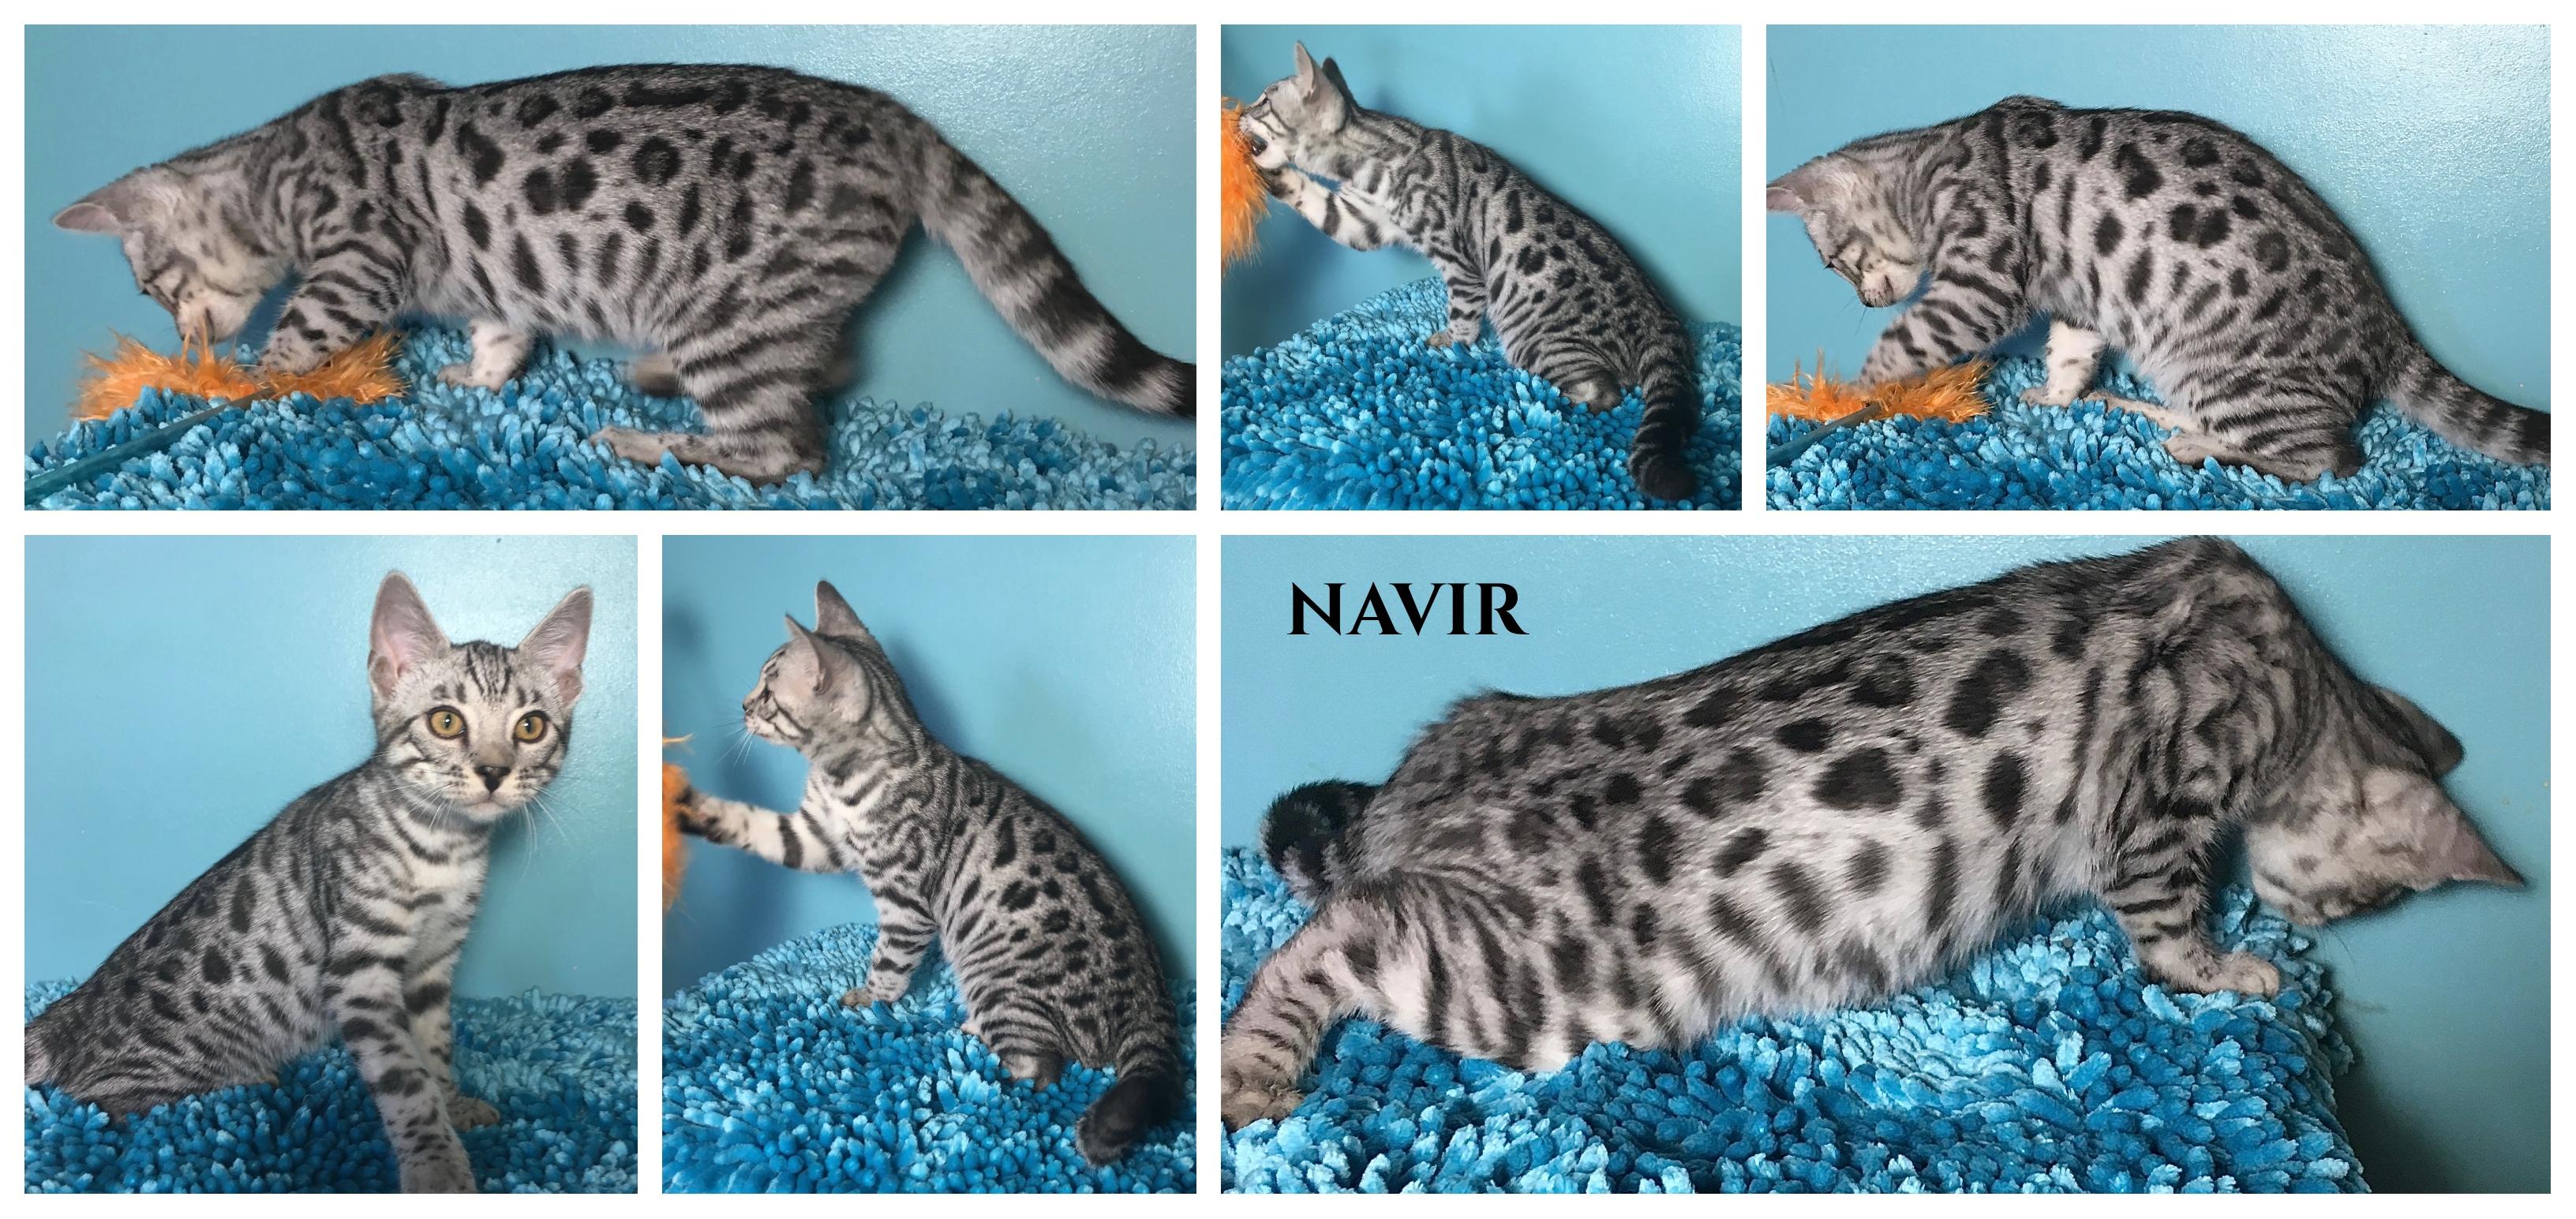 Navir 13 weeks